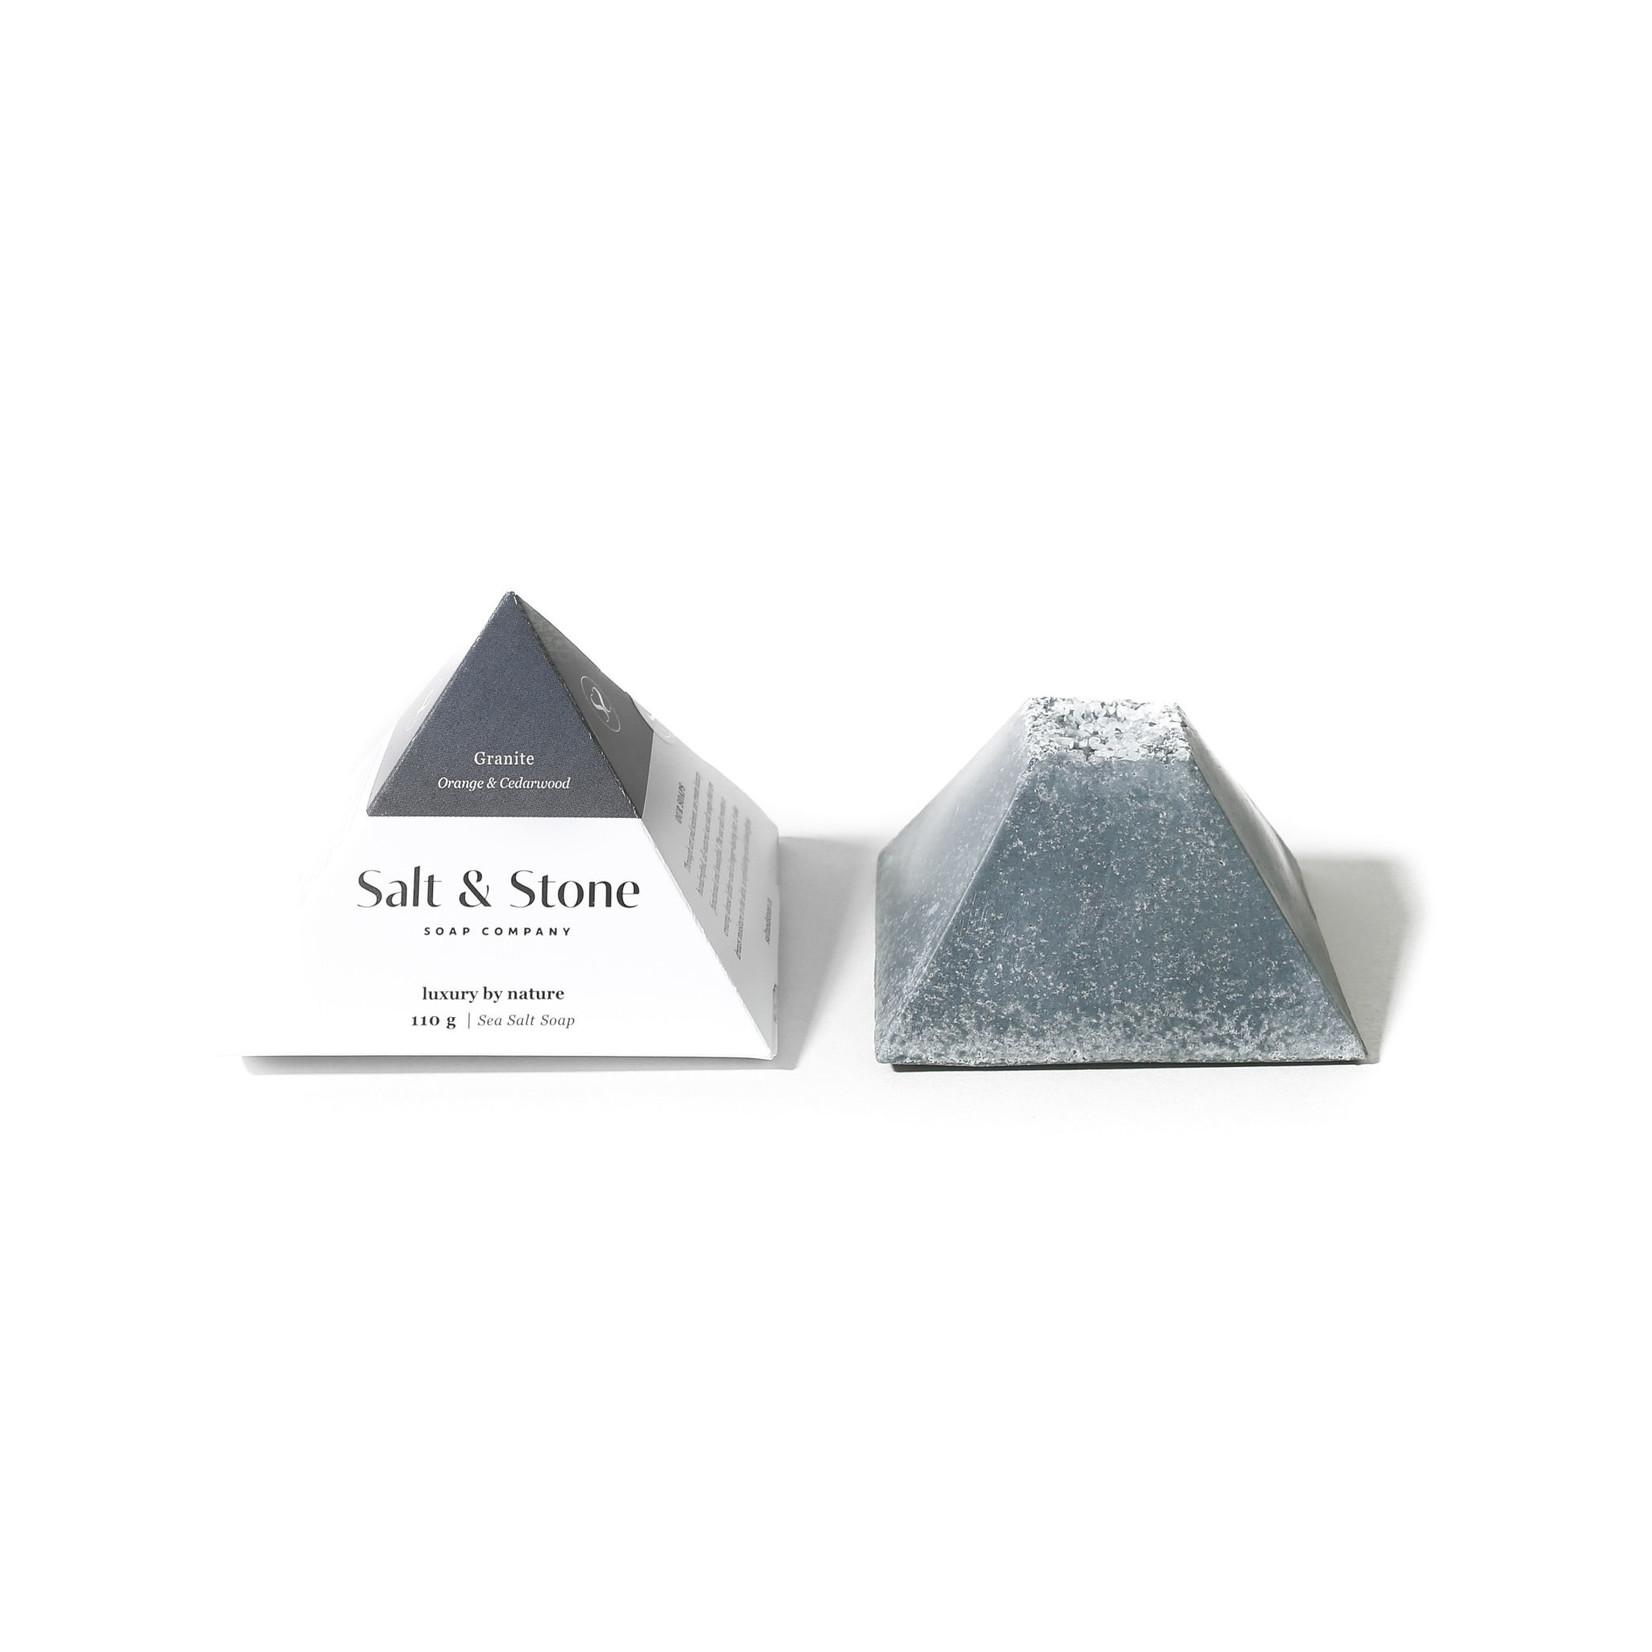 SALT AND STONE COMPANY Granite Sea Salt Soap